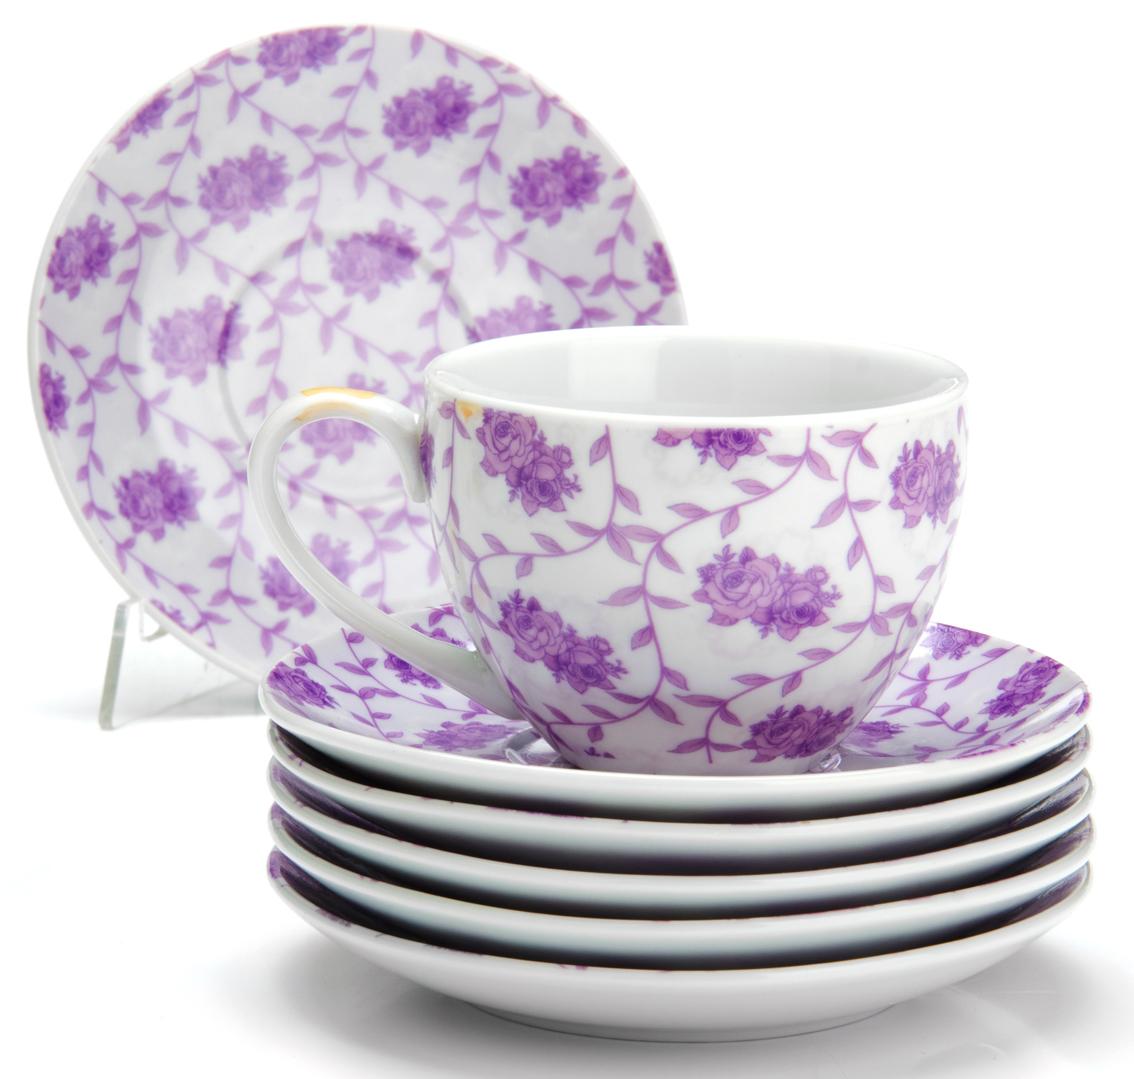 Чайный сервиз Loraine Цветы, 220 мл, 12 предметов. 2592825928